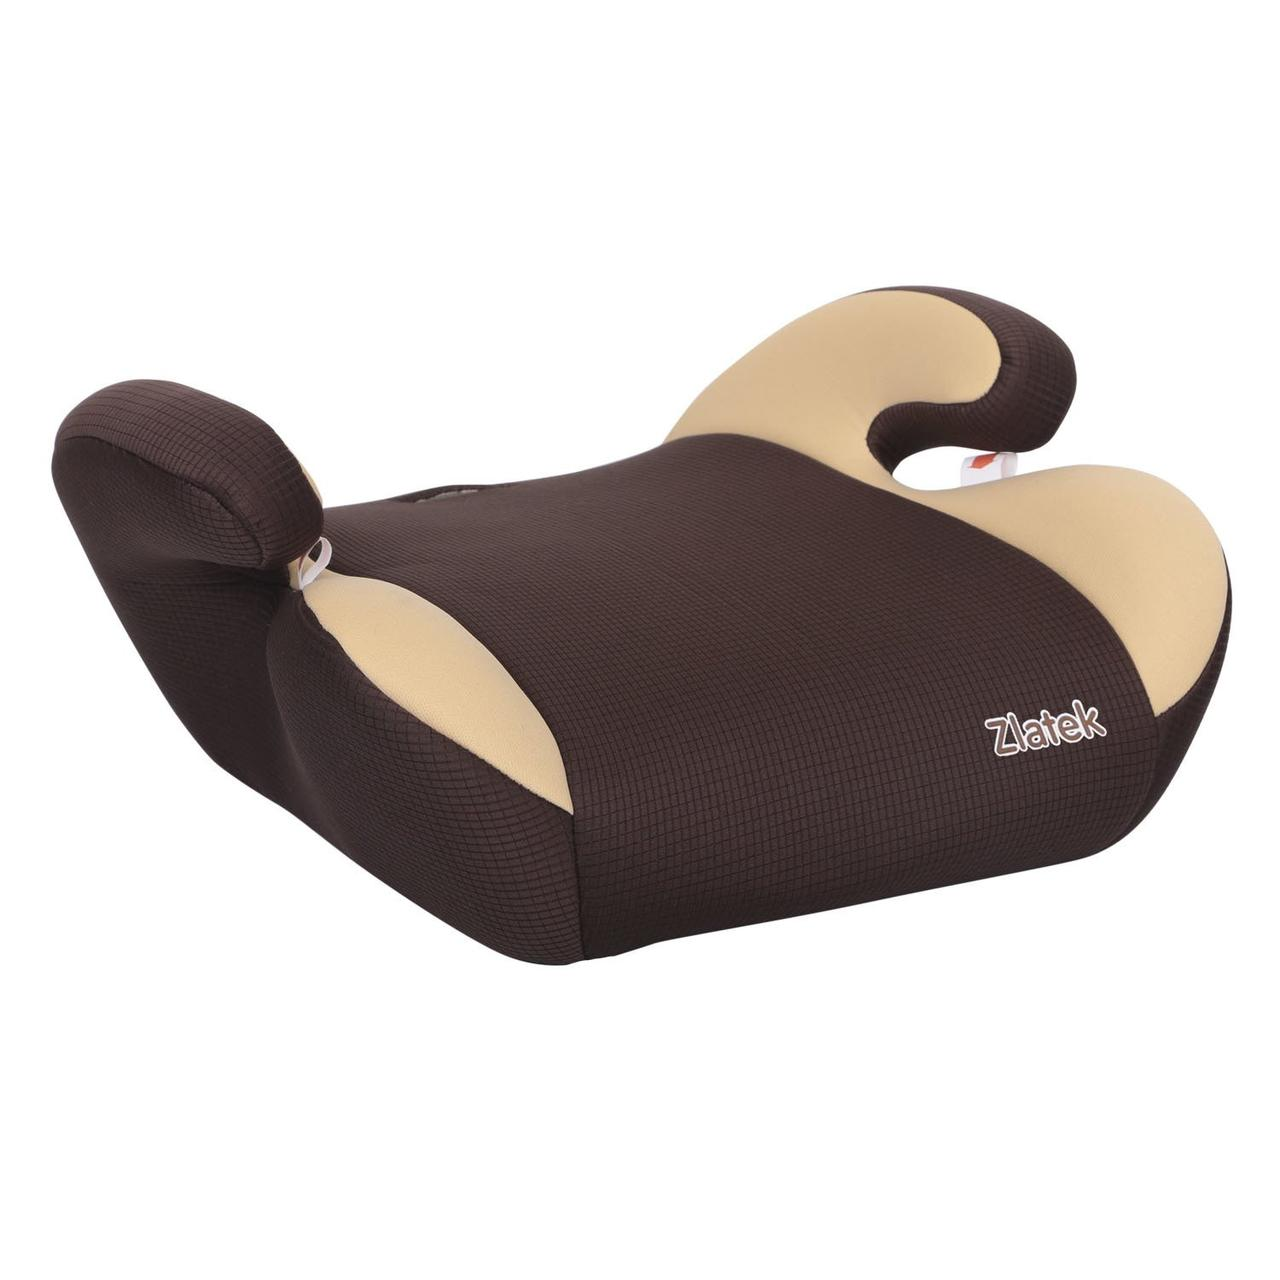 """Детское автомобильное кресло ZLATEK """"Gals"""" коричневый, 6-12 лет, 22-36 кг, группа 3 детское"""